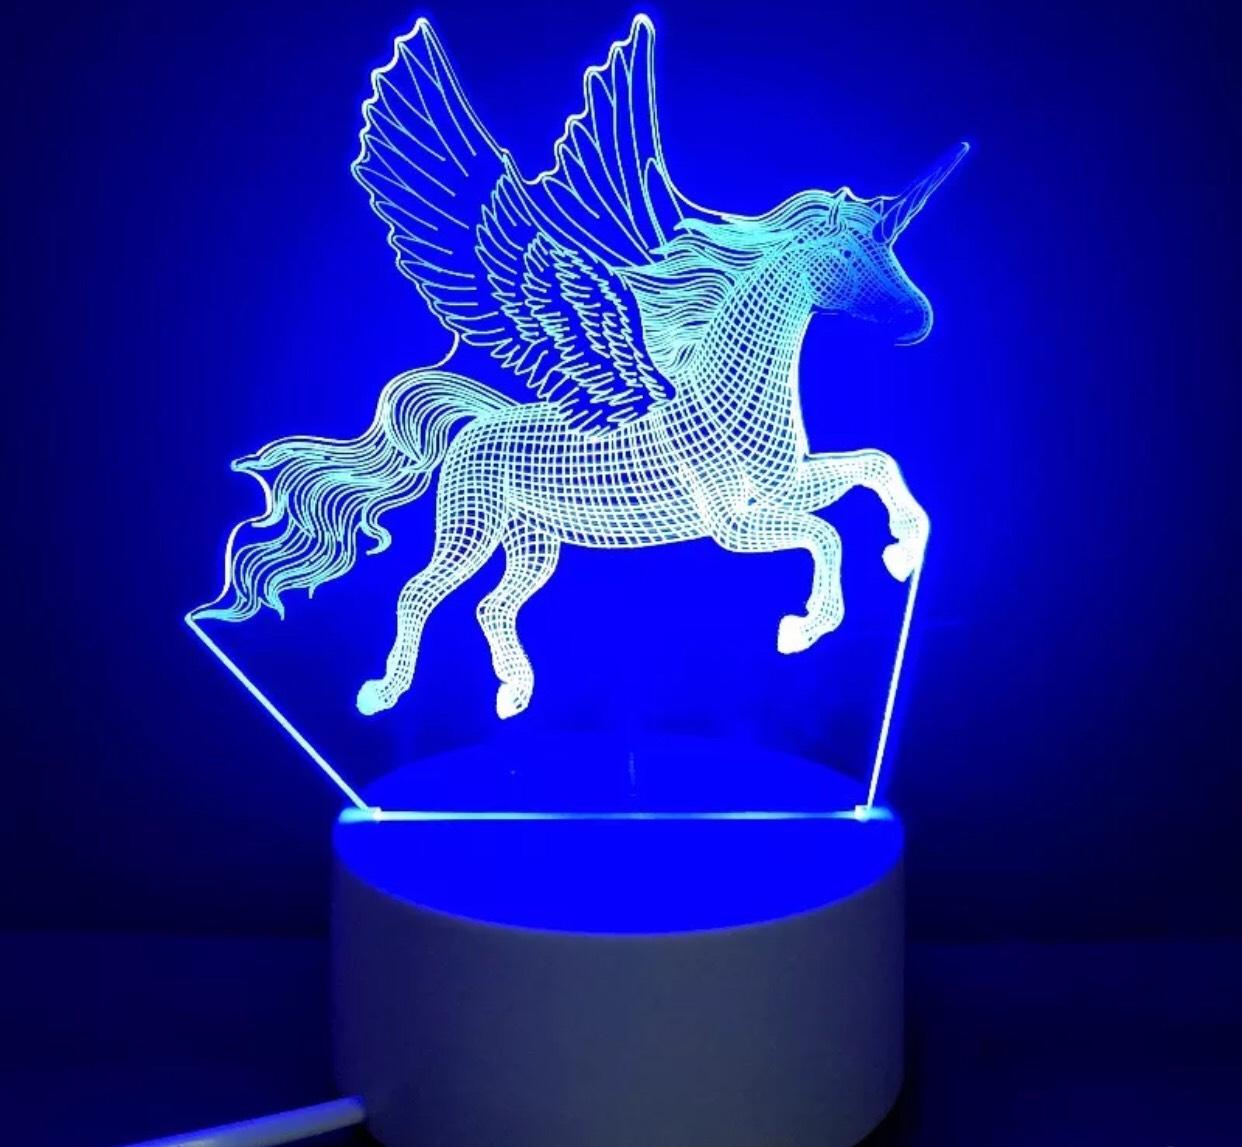 Đèn ngủ 3D hình con ngựa - 7425463 , 6735381136133 , 62_15467603 , 270000 , Den-ngu-3D-hinh-con-ngua-62_15467603 , tiki.vn , Đèn ngủ 3D hình con ngựa